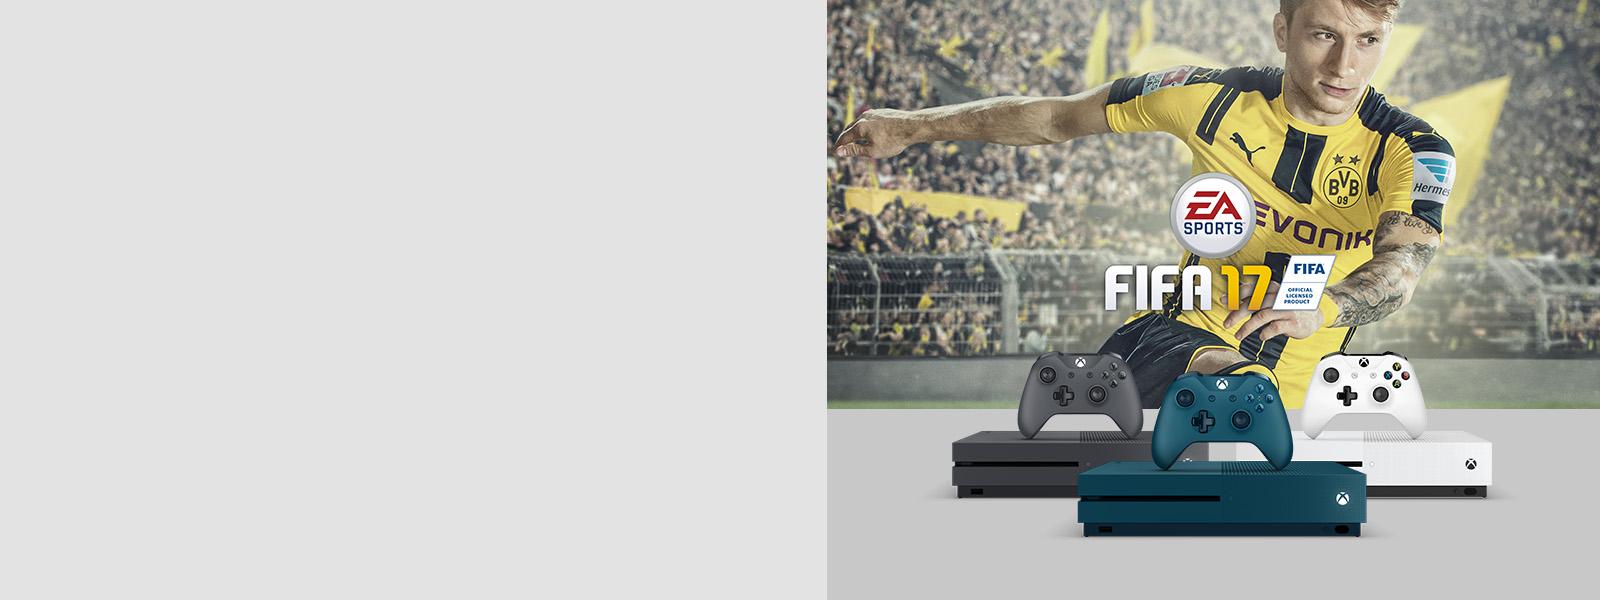 Fifa Bundles consoles